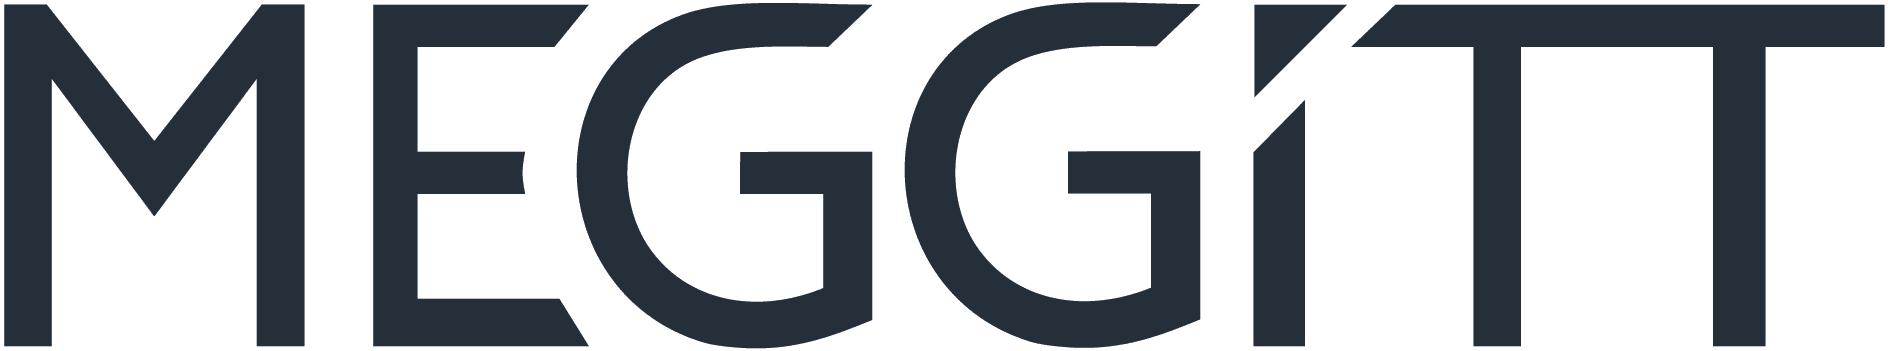 OEM-logo-Meggitt-page